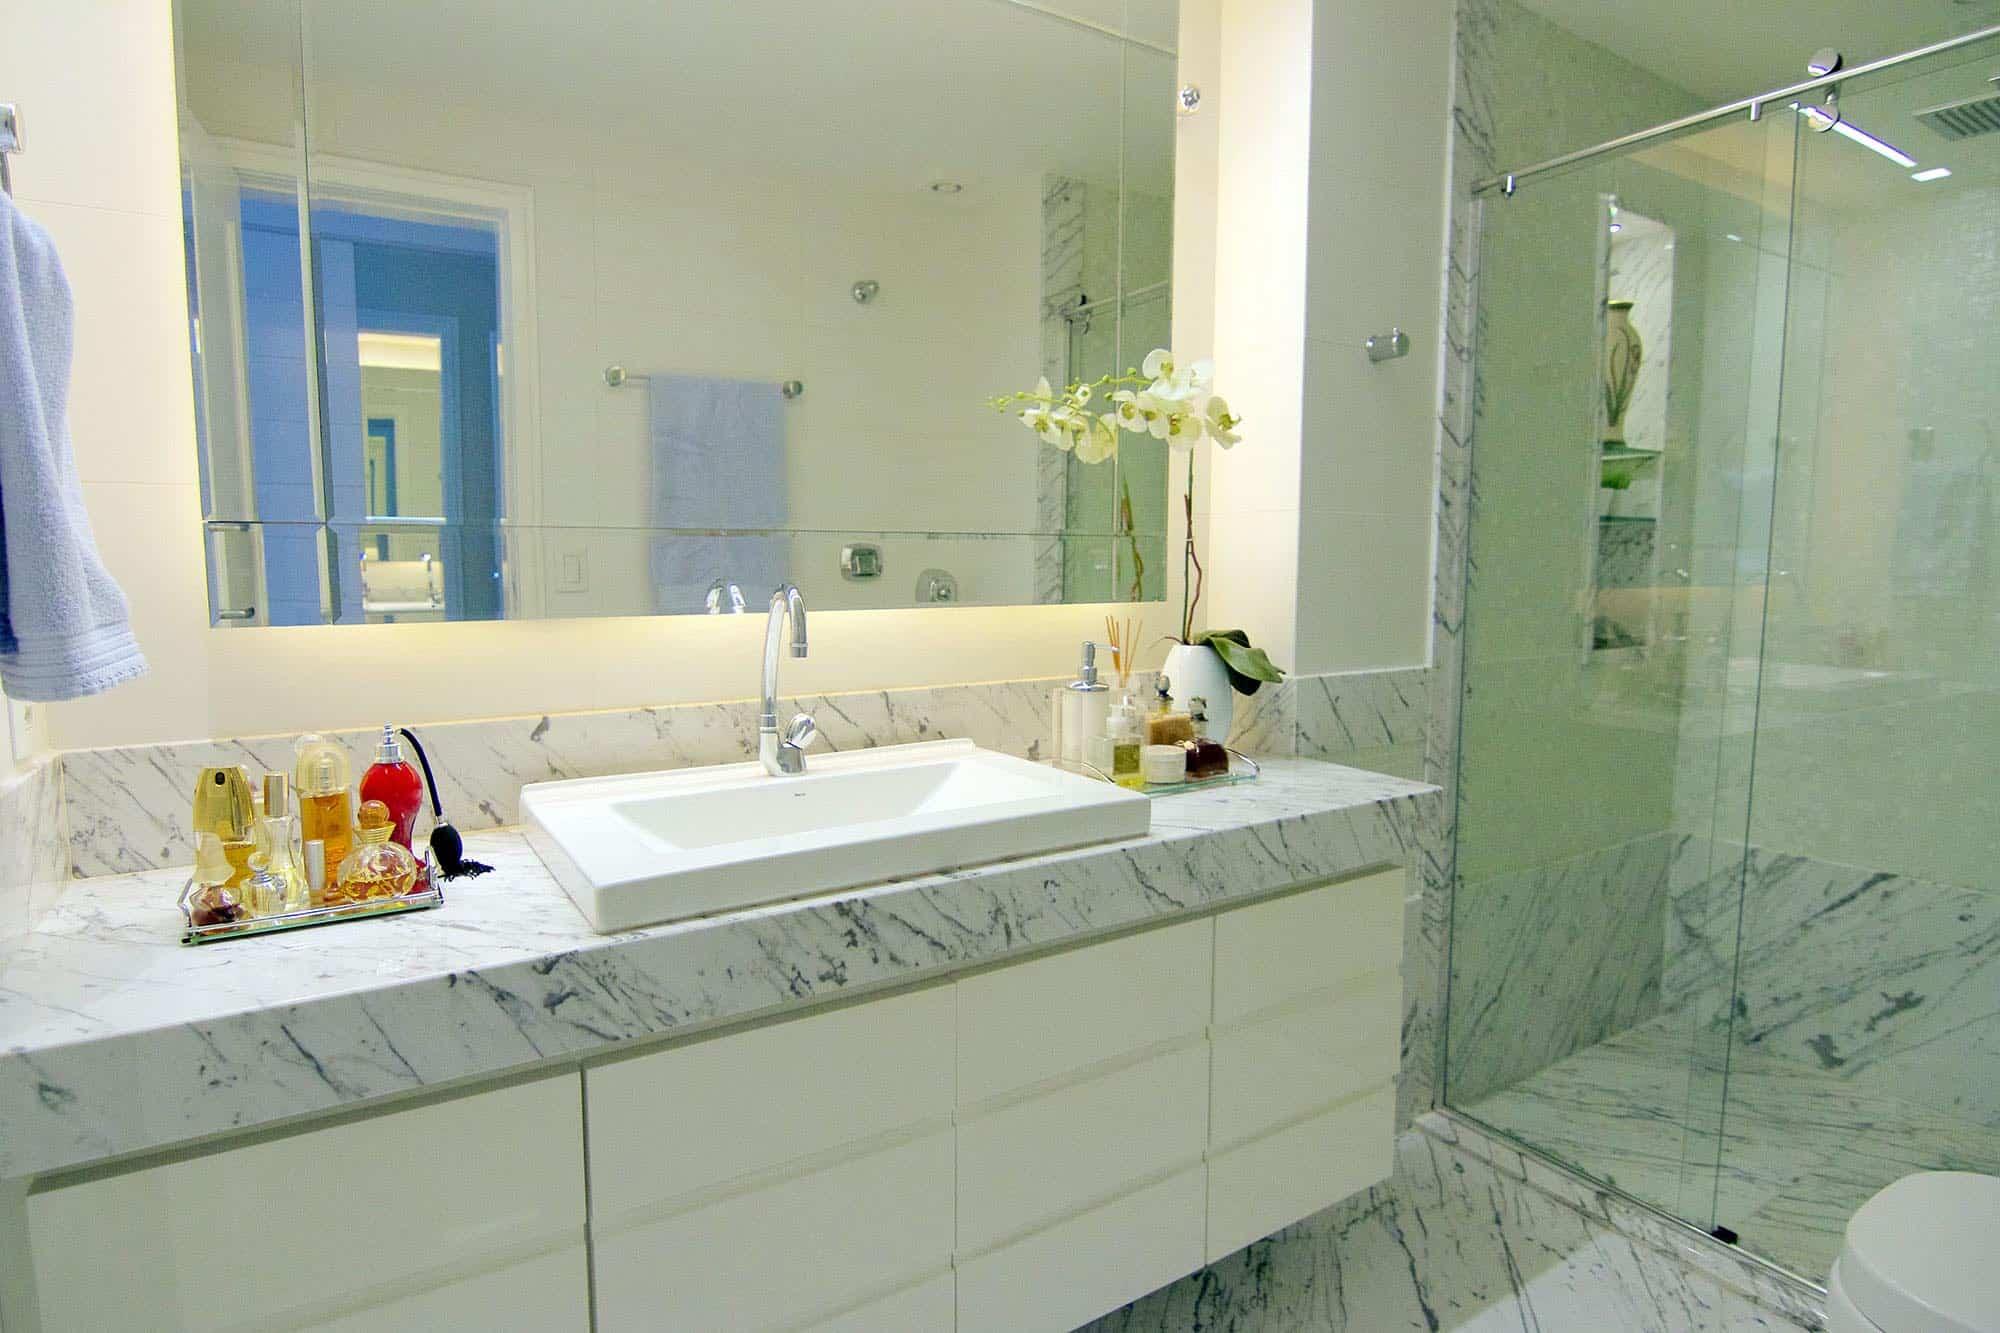 Tipos de pedras mármore e granitos brancos para cozinhas e banheiros  #456E85 2000x1333 Banheiro Com Granito Branco